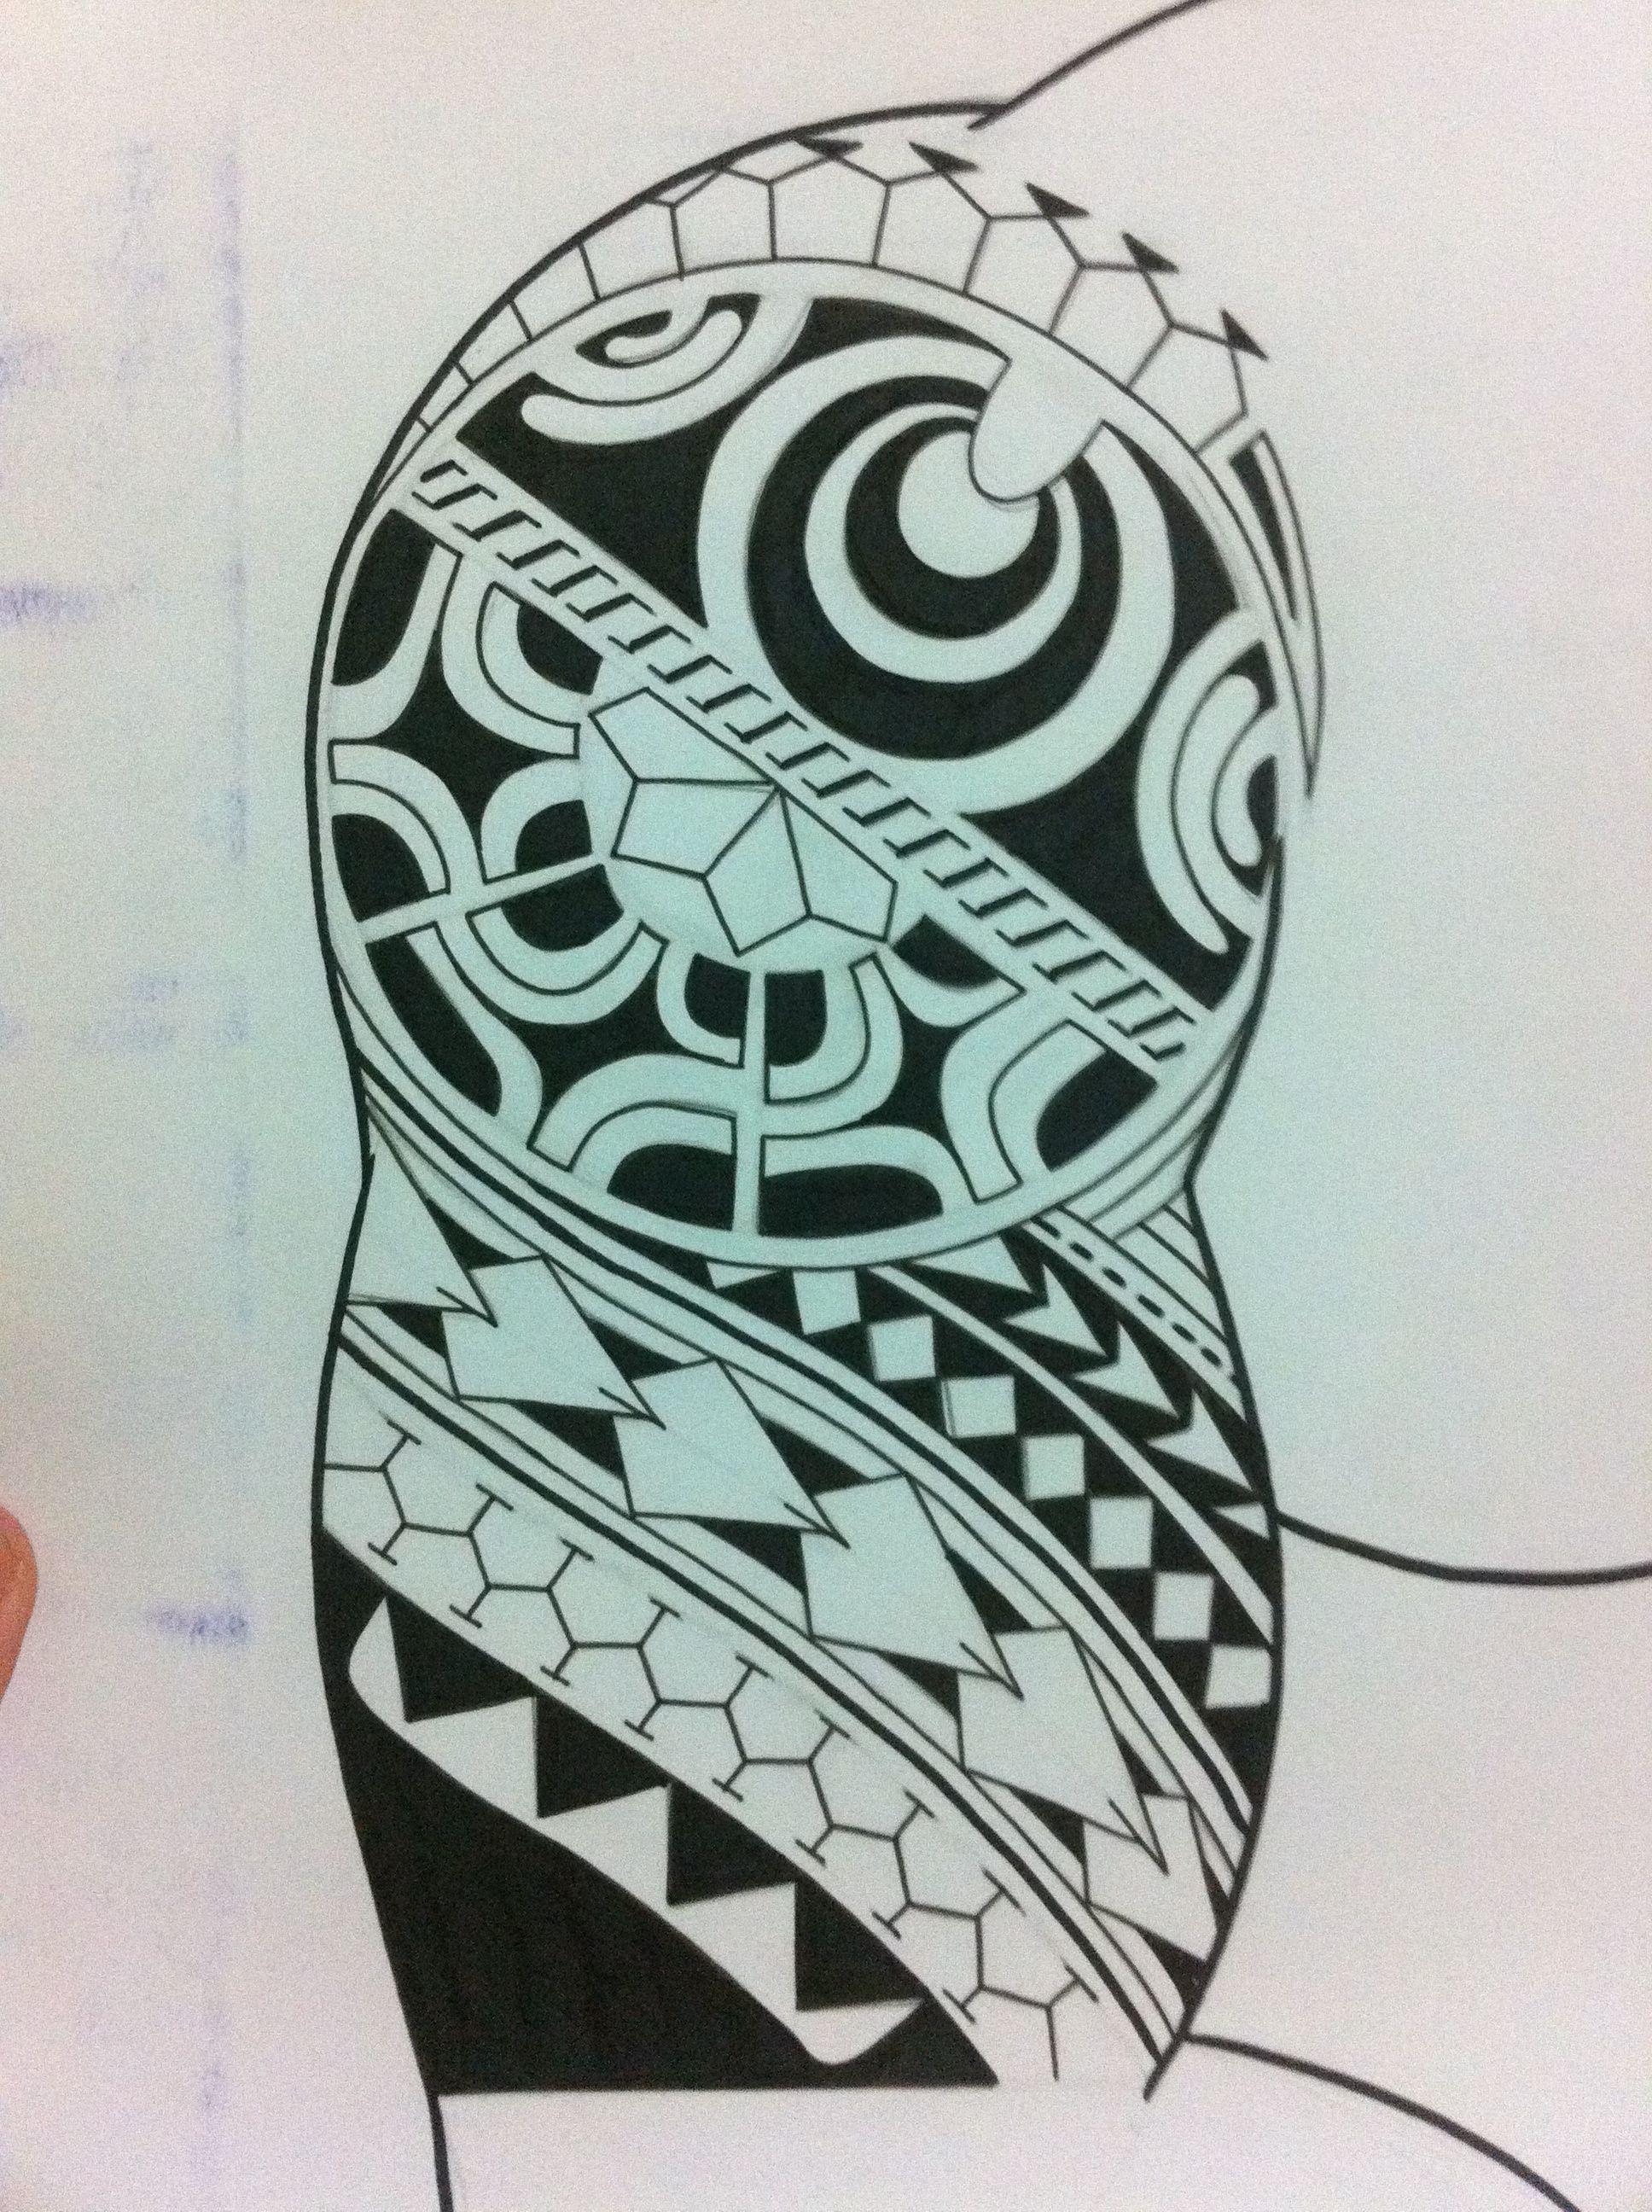 Maori tattoo design tattoos pinterest maori tattoos maori and